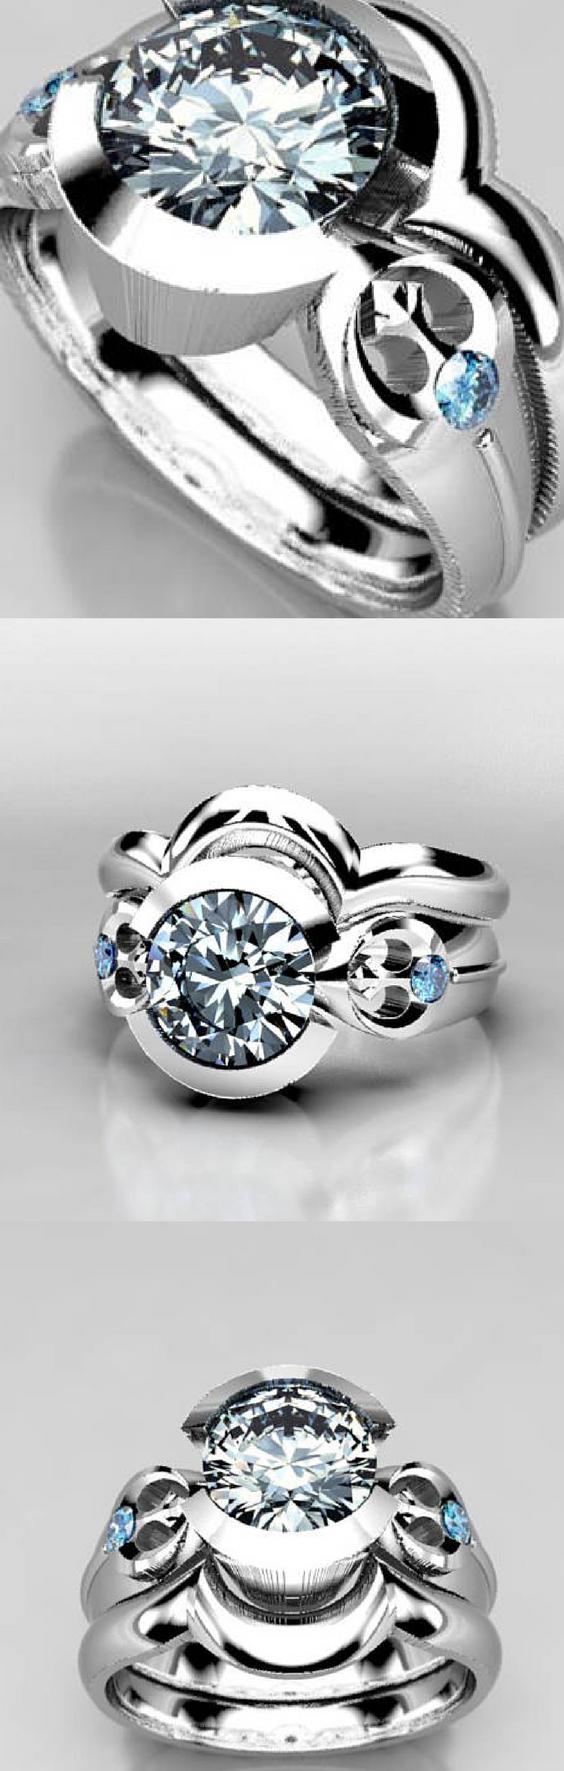 Star Wars Rebel Wedding Ring Set